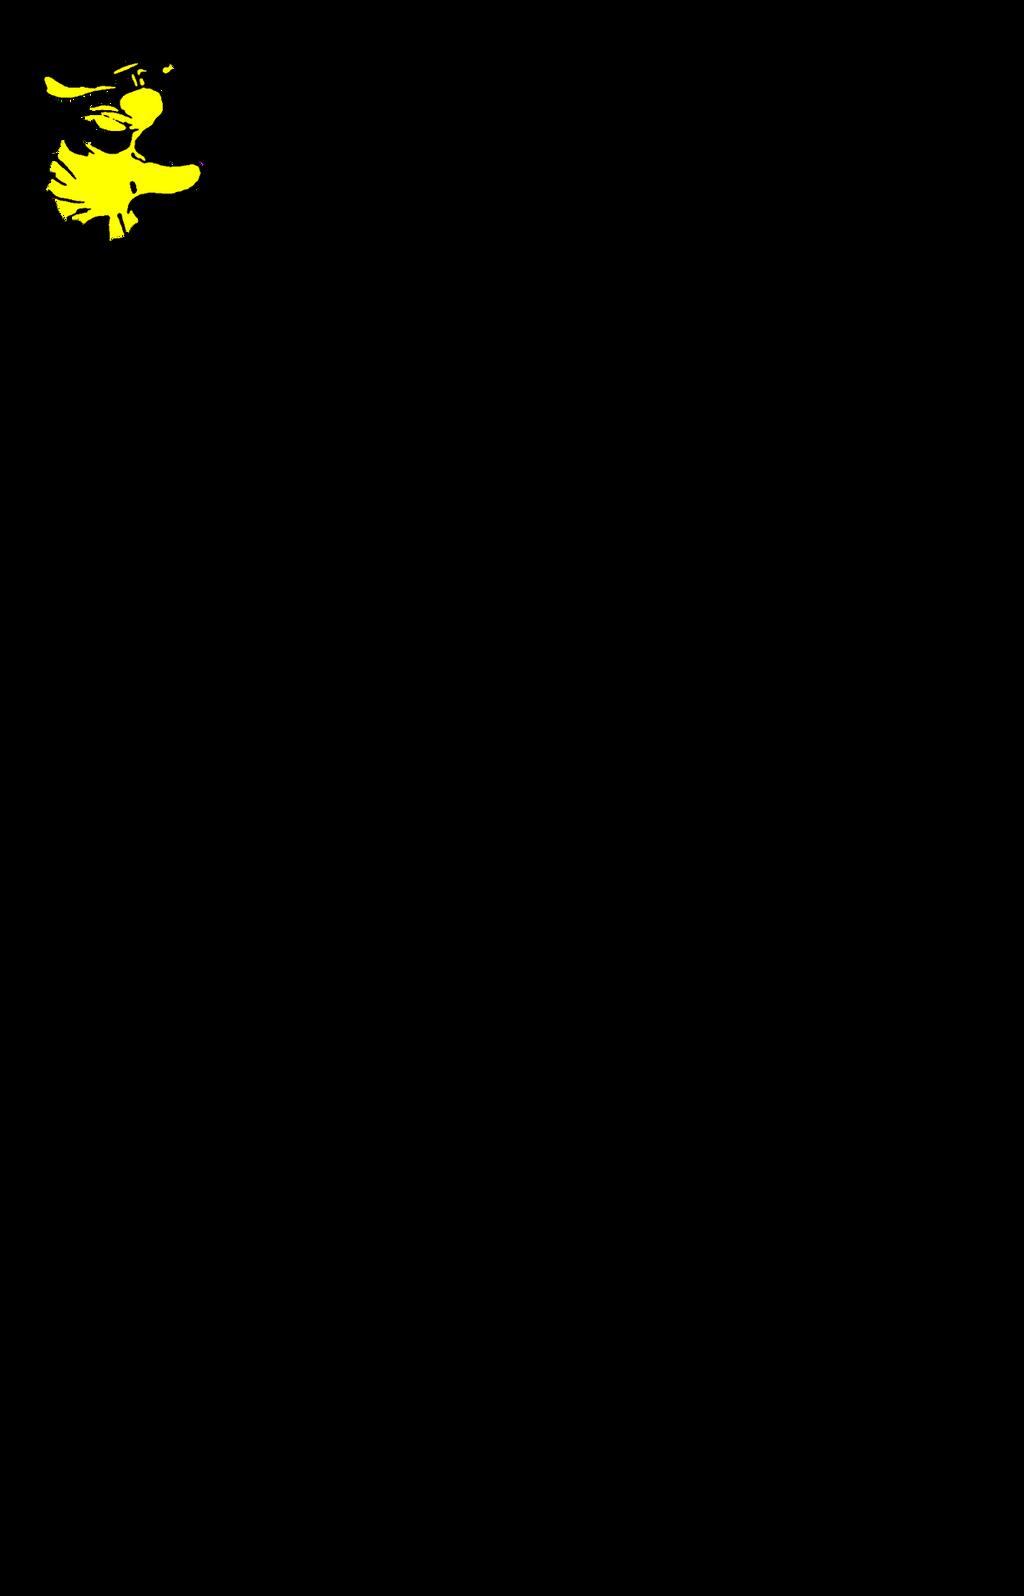 Resultado de imagen para snoopy transparente